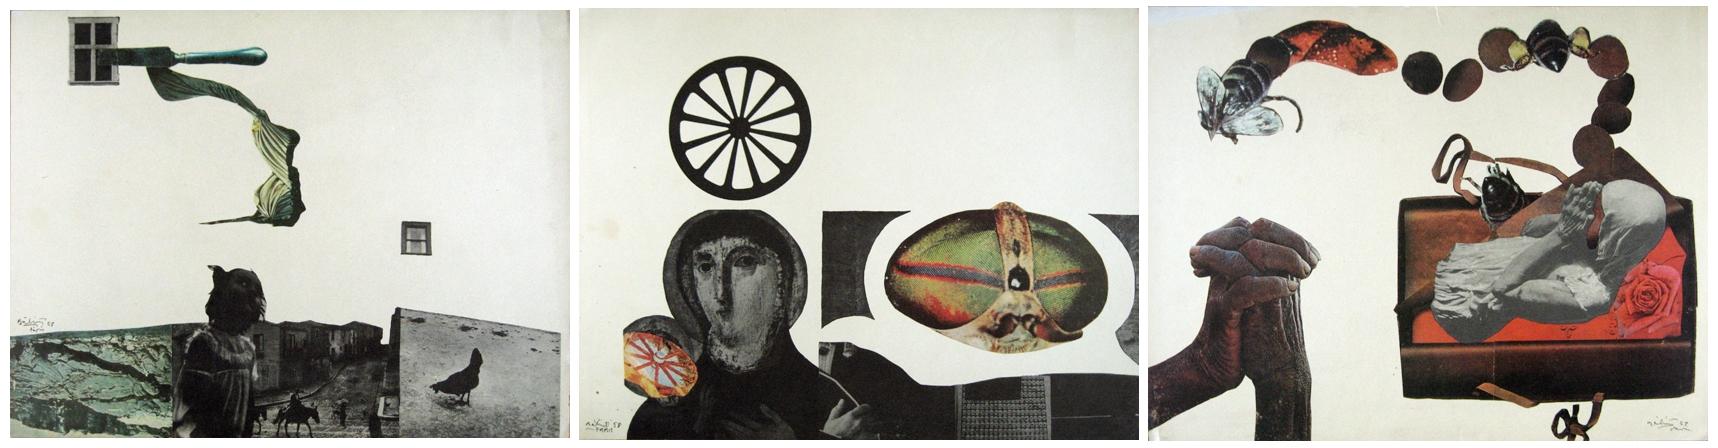 Bálint Endre kollázsai, 1959 (Forrás: Susannicon)